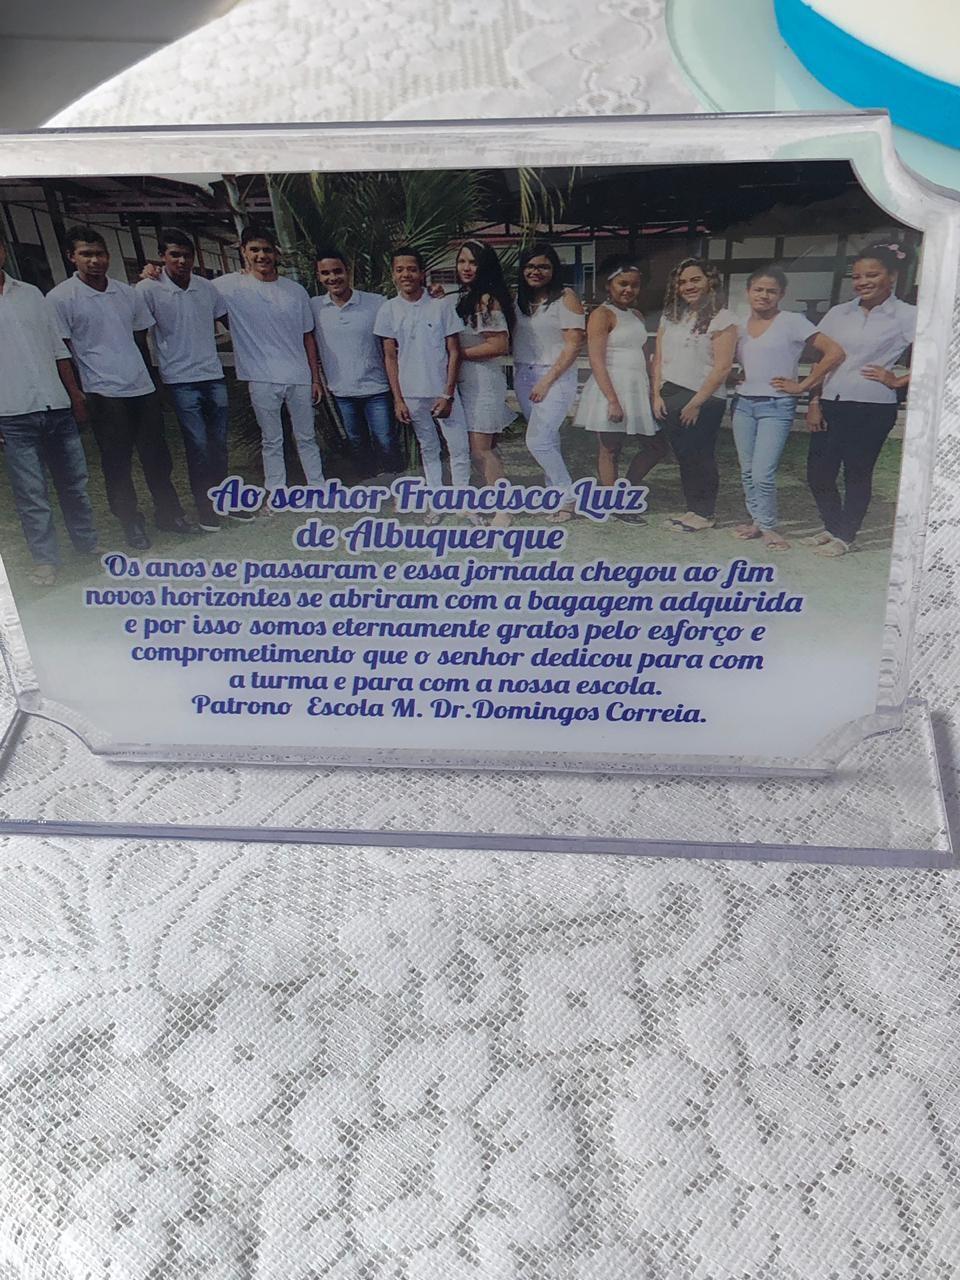 Prefeito Chico Vigário prestigia formatura da turma do 9º ano da Escola Dr. Domingos Correia